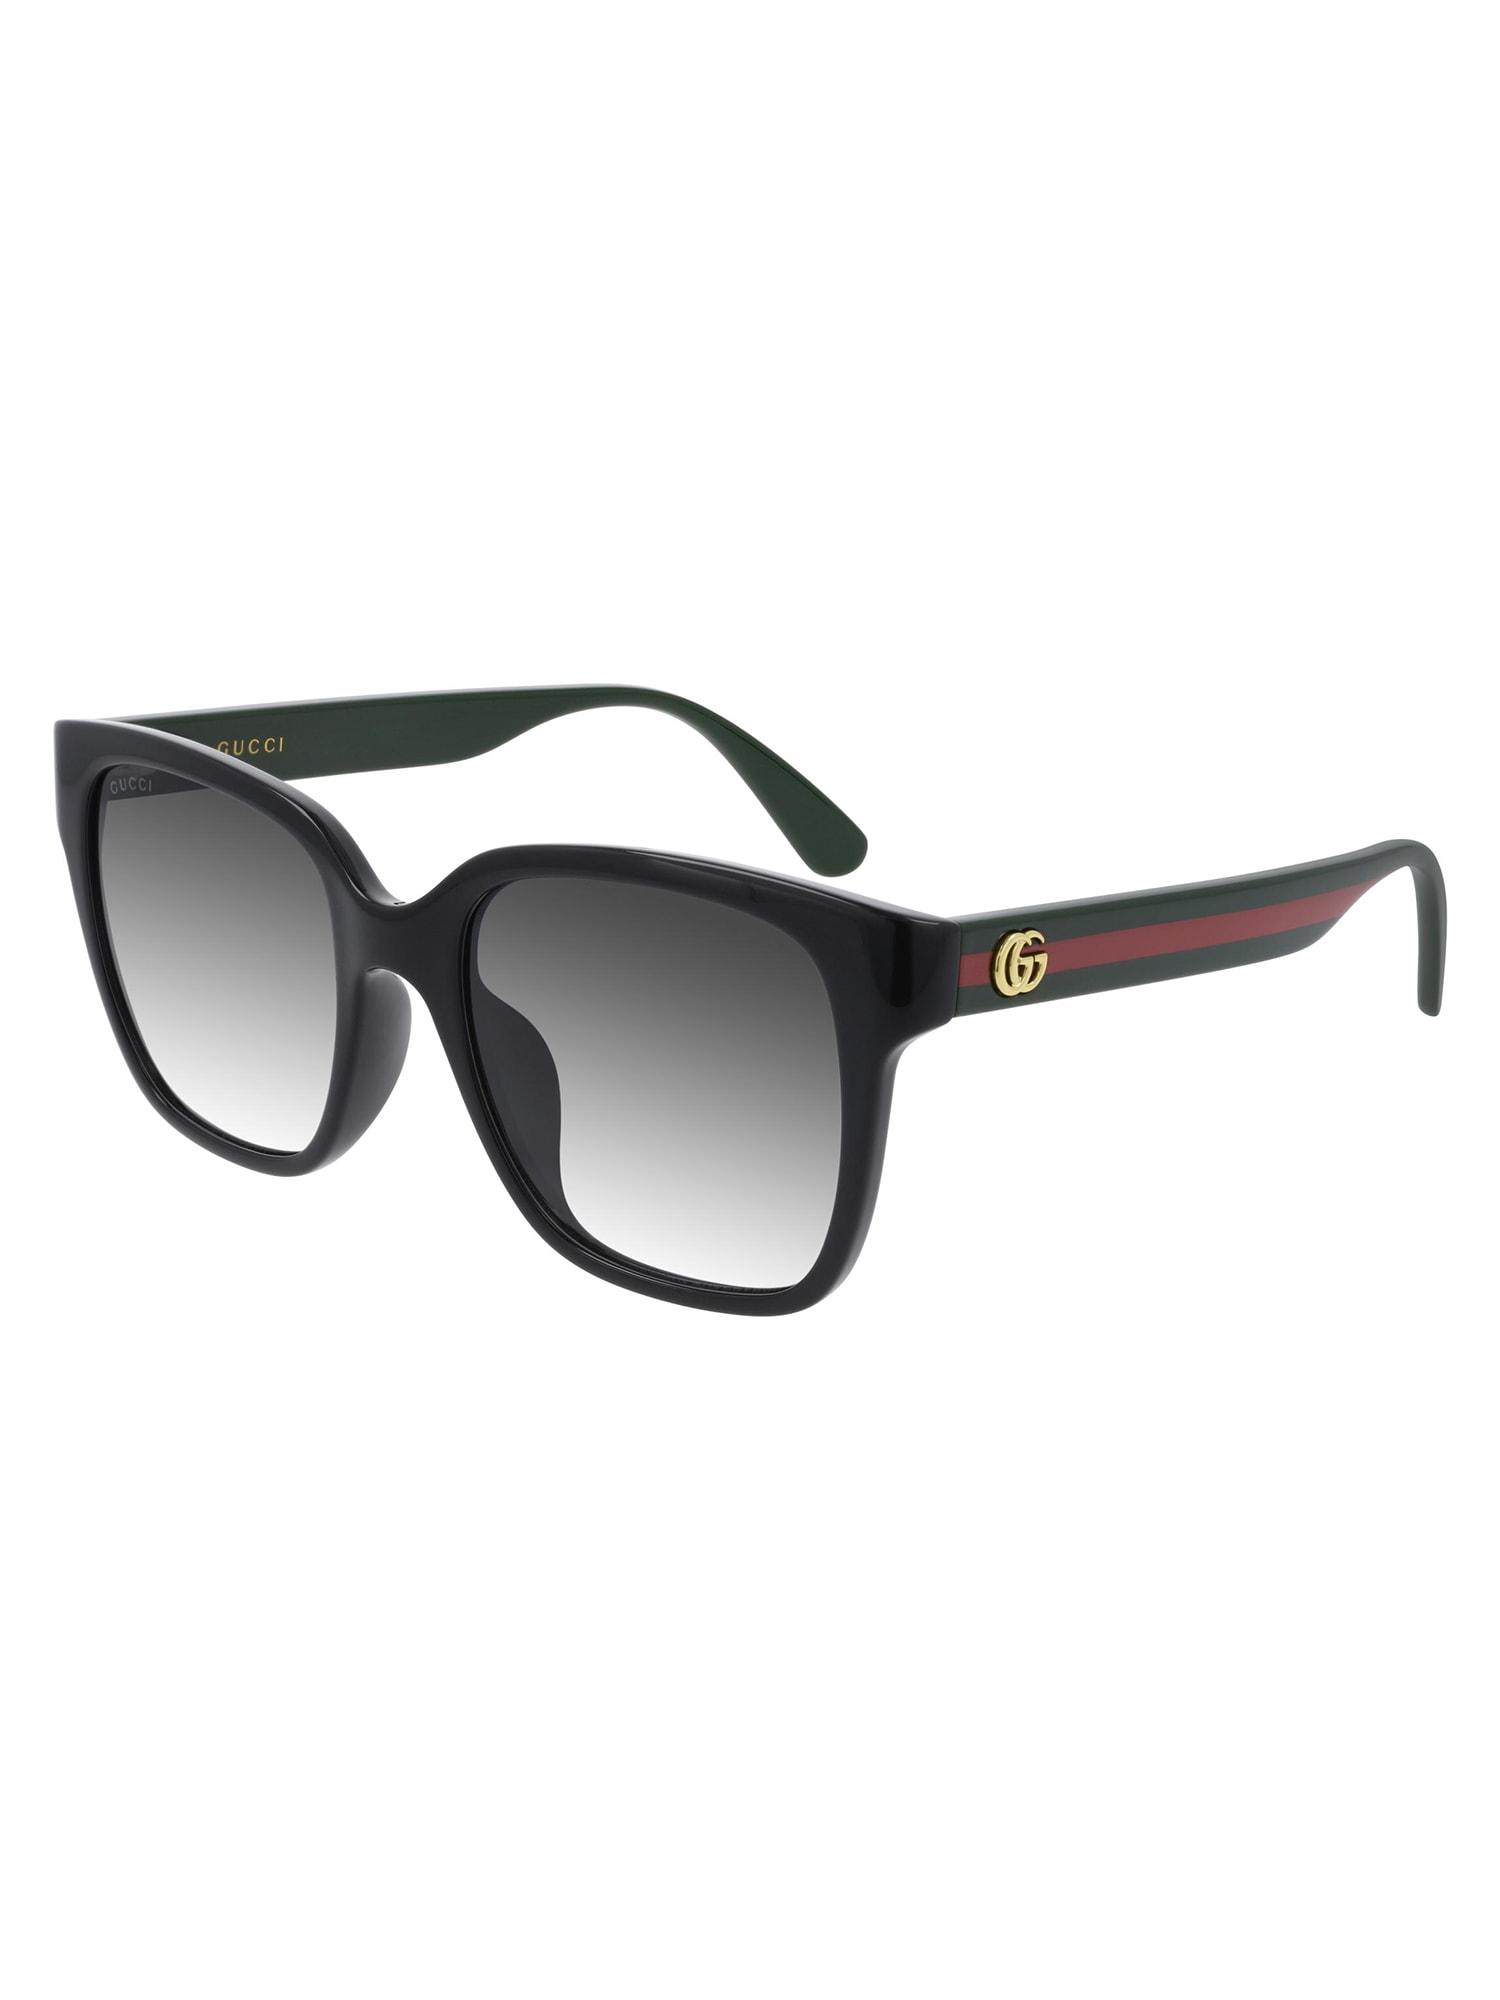 Gucci GG0715SA Sunglasses